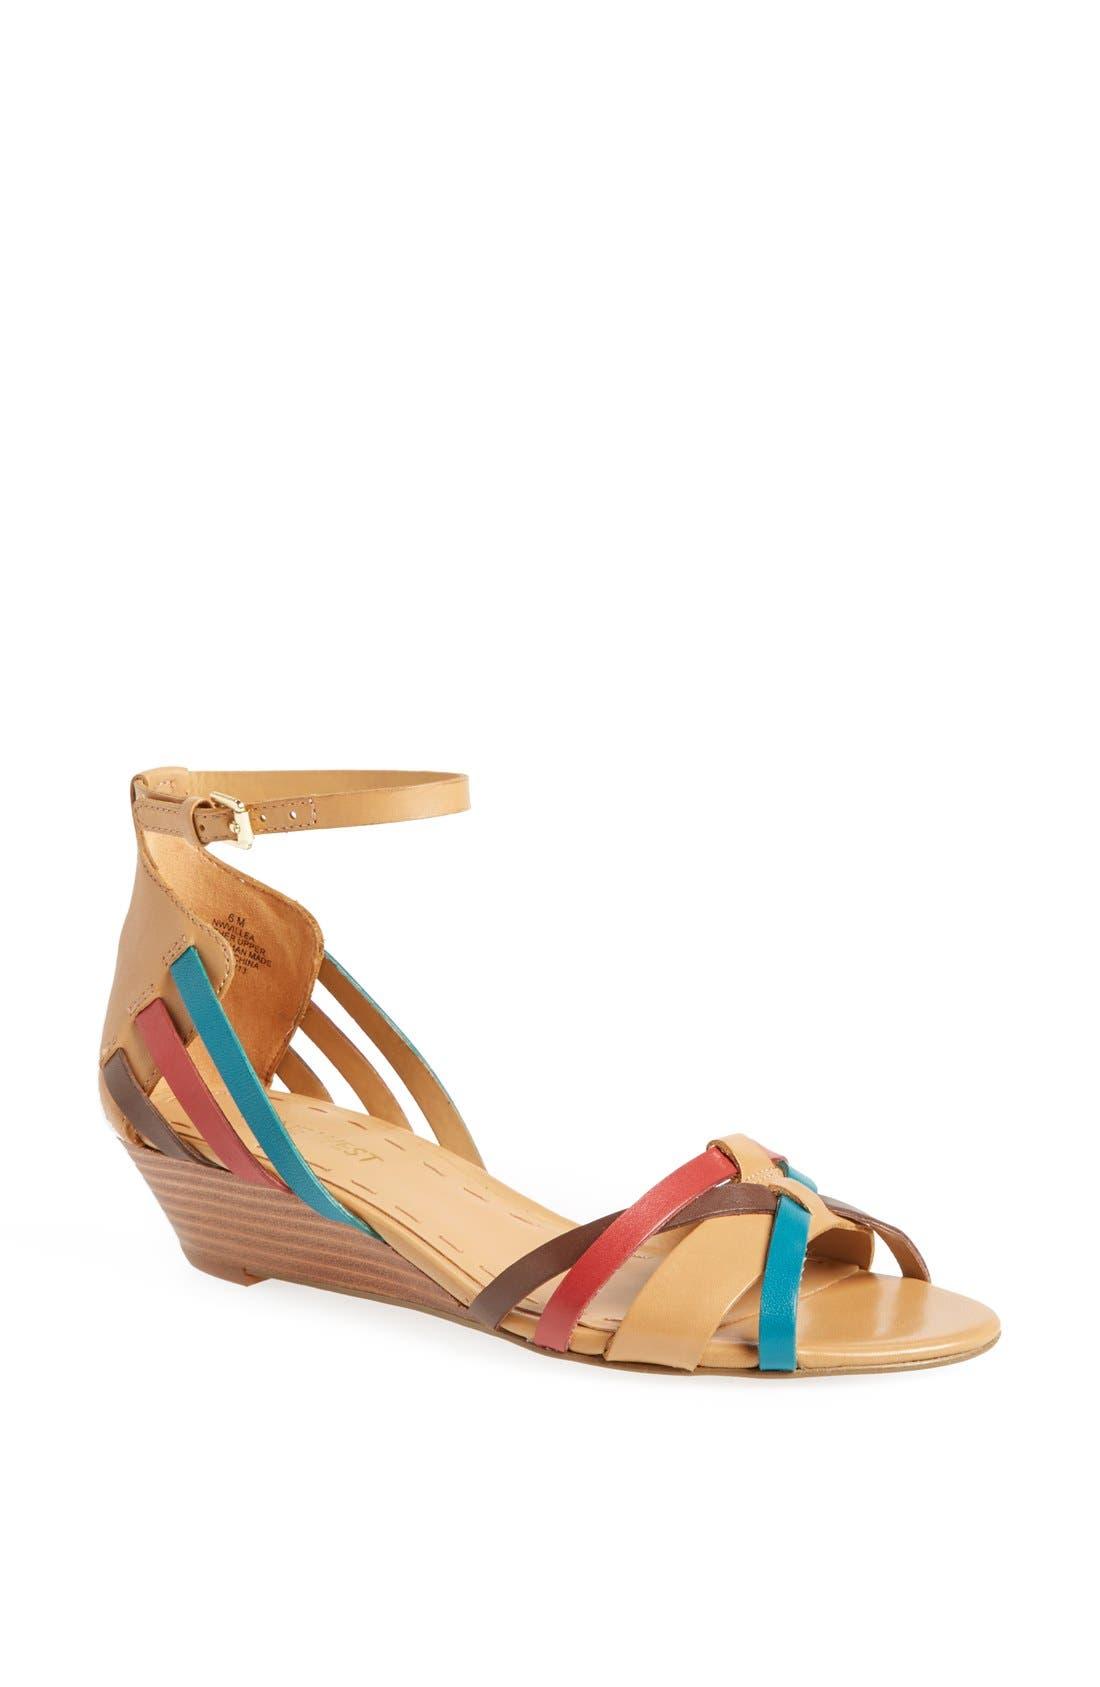 Alternate Image 1 Selected - Nine West 'Villea' Ankle Strap Wedge Sandal